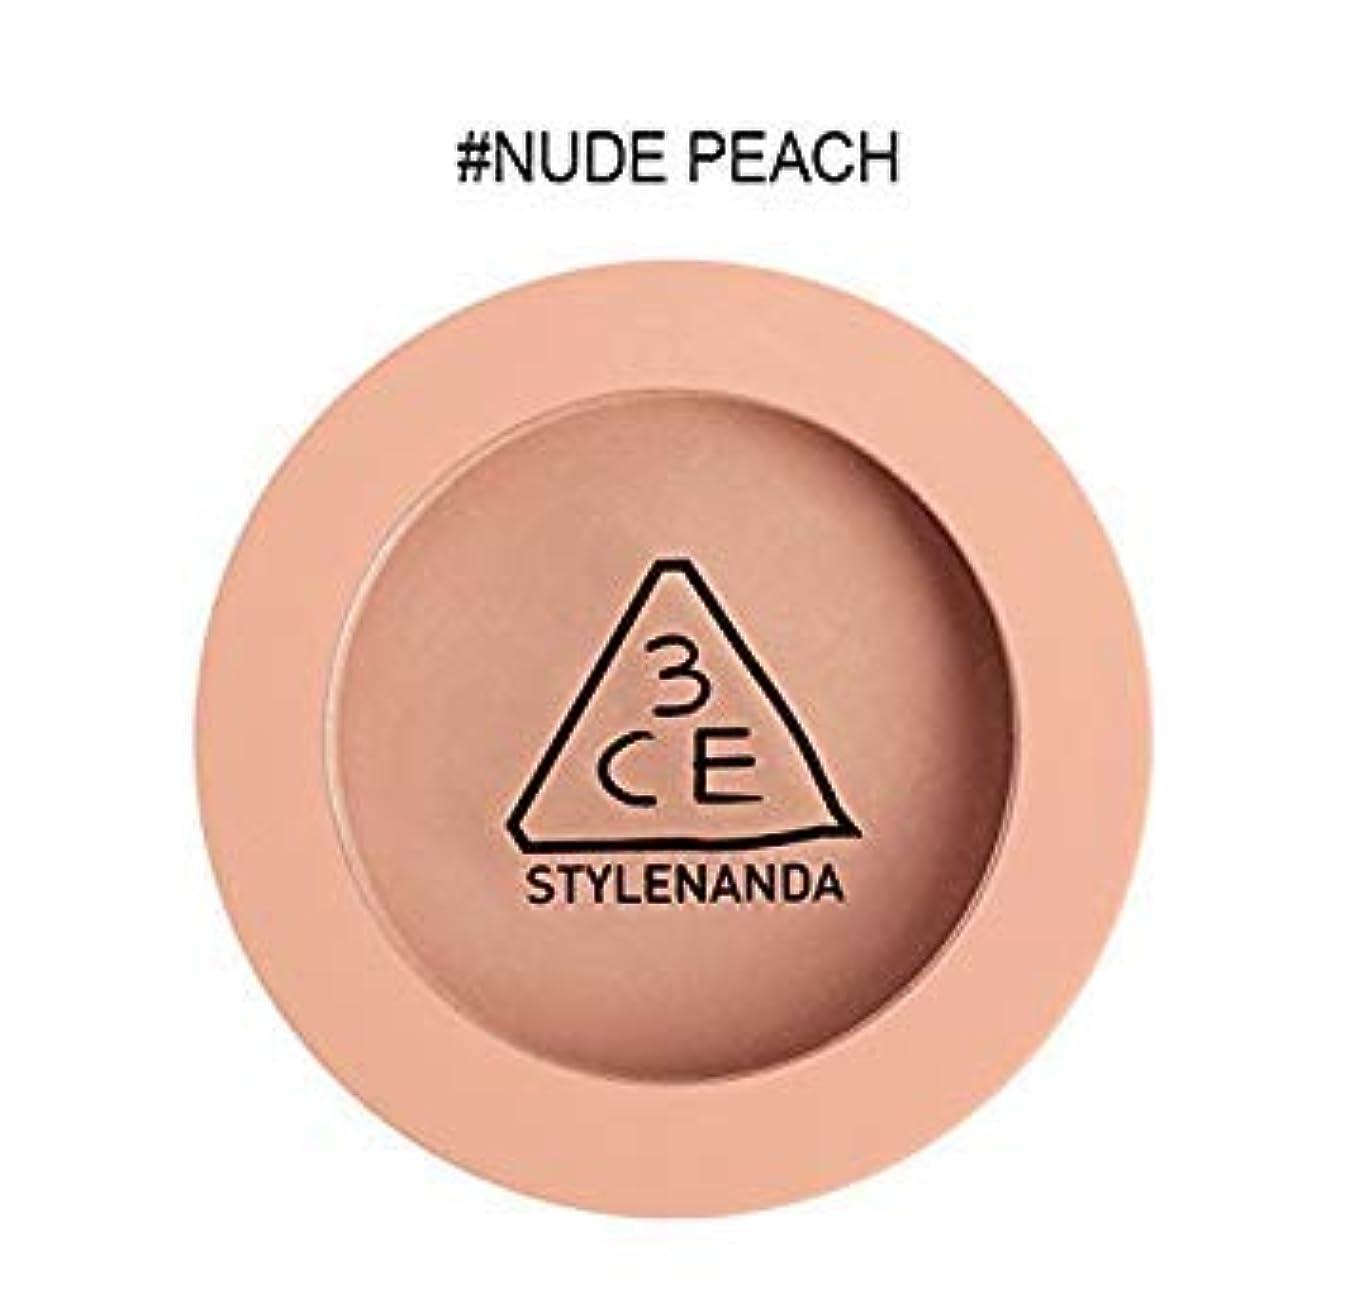 信頼性服アンプ3CE ムードレシピ フェイス ブラッシュ (チーク) / Mood Recipe Face Blush (ヌードピーチ(Nude Peach)) [並行輸入品]